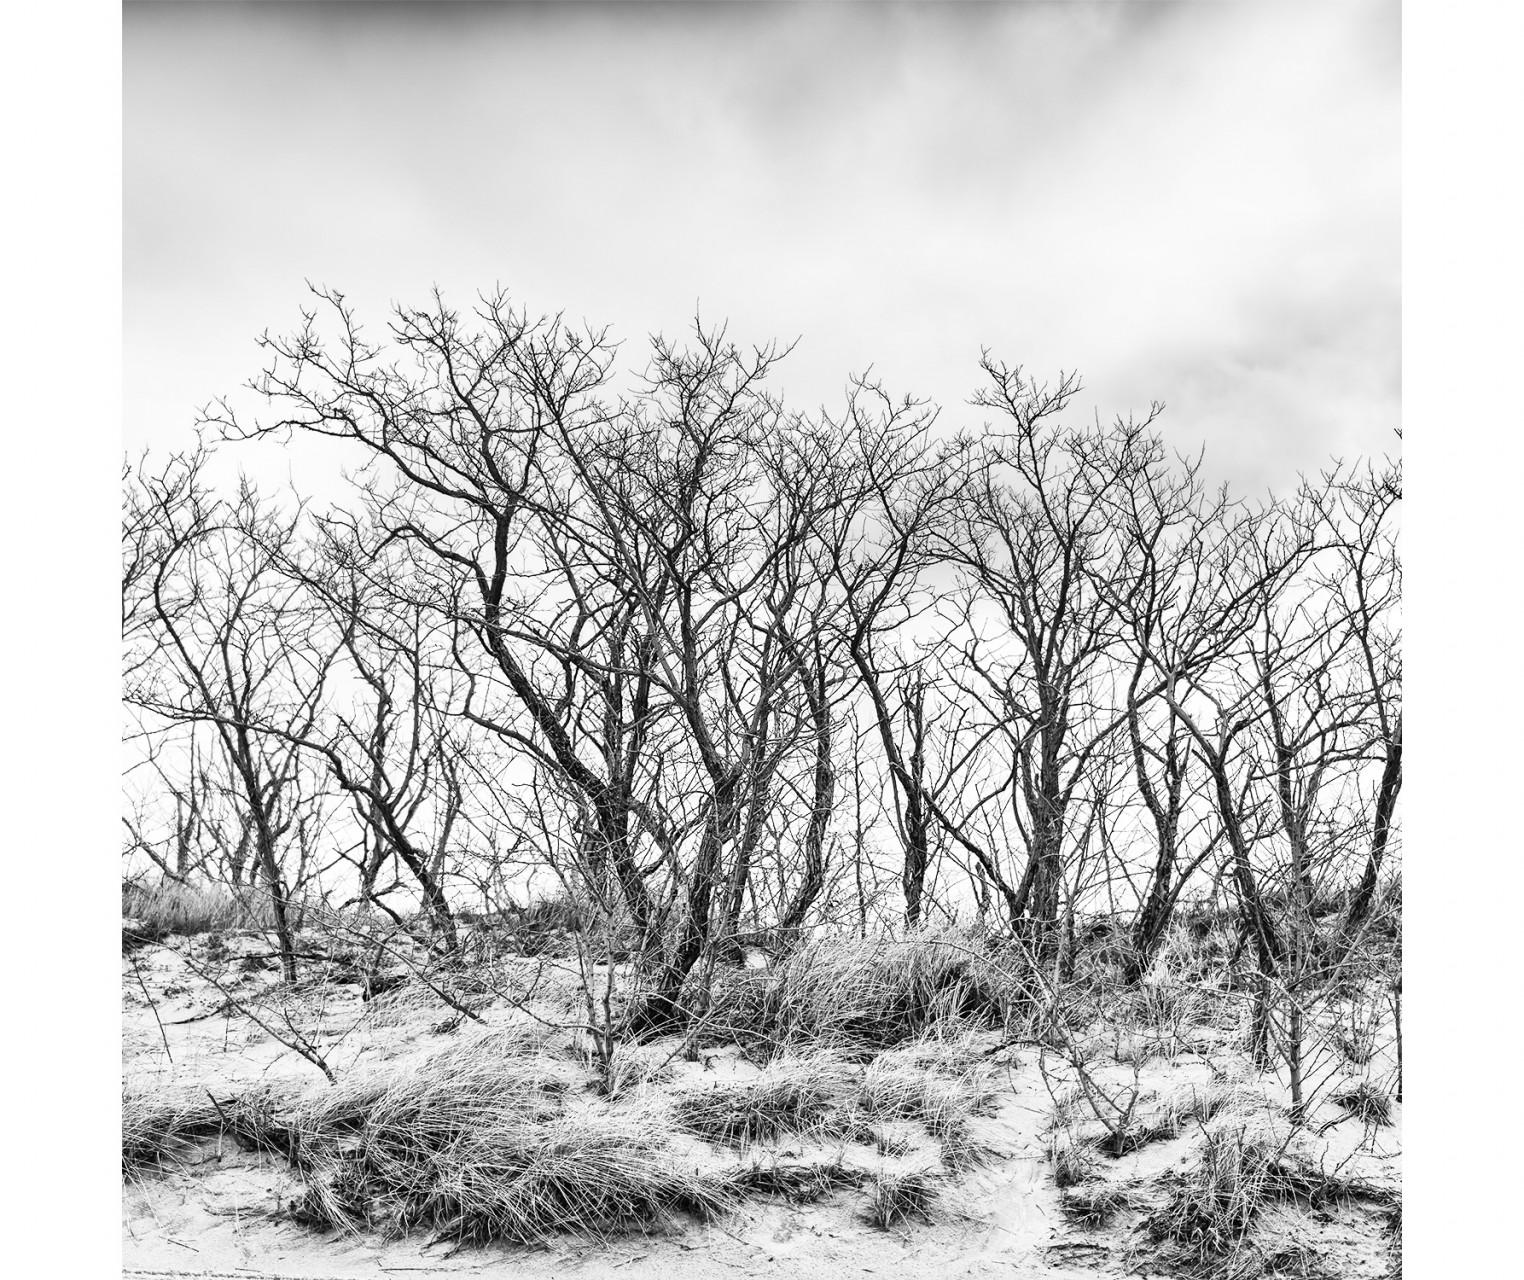 007_WinterBeachTrees